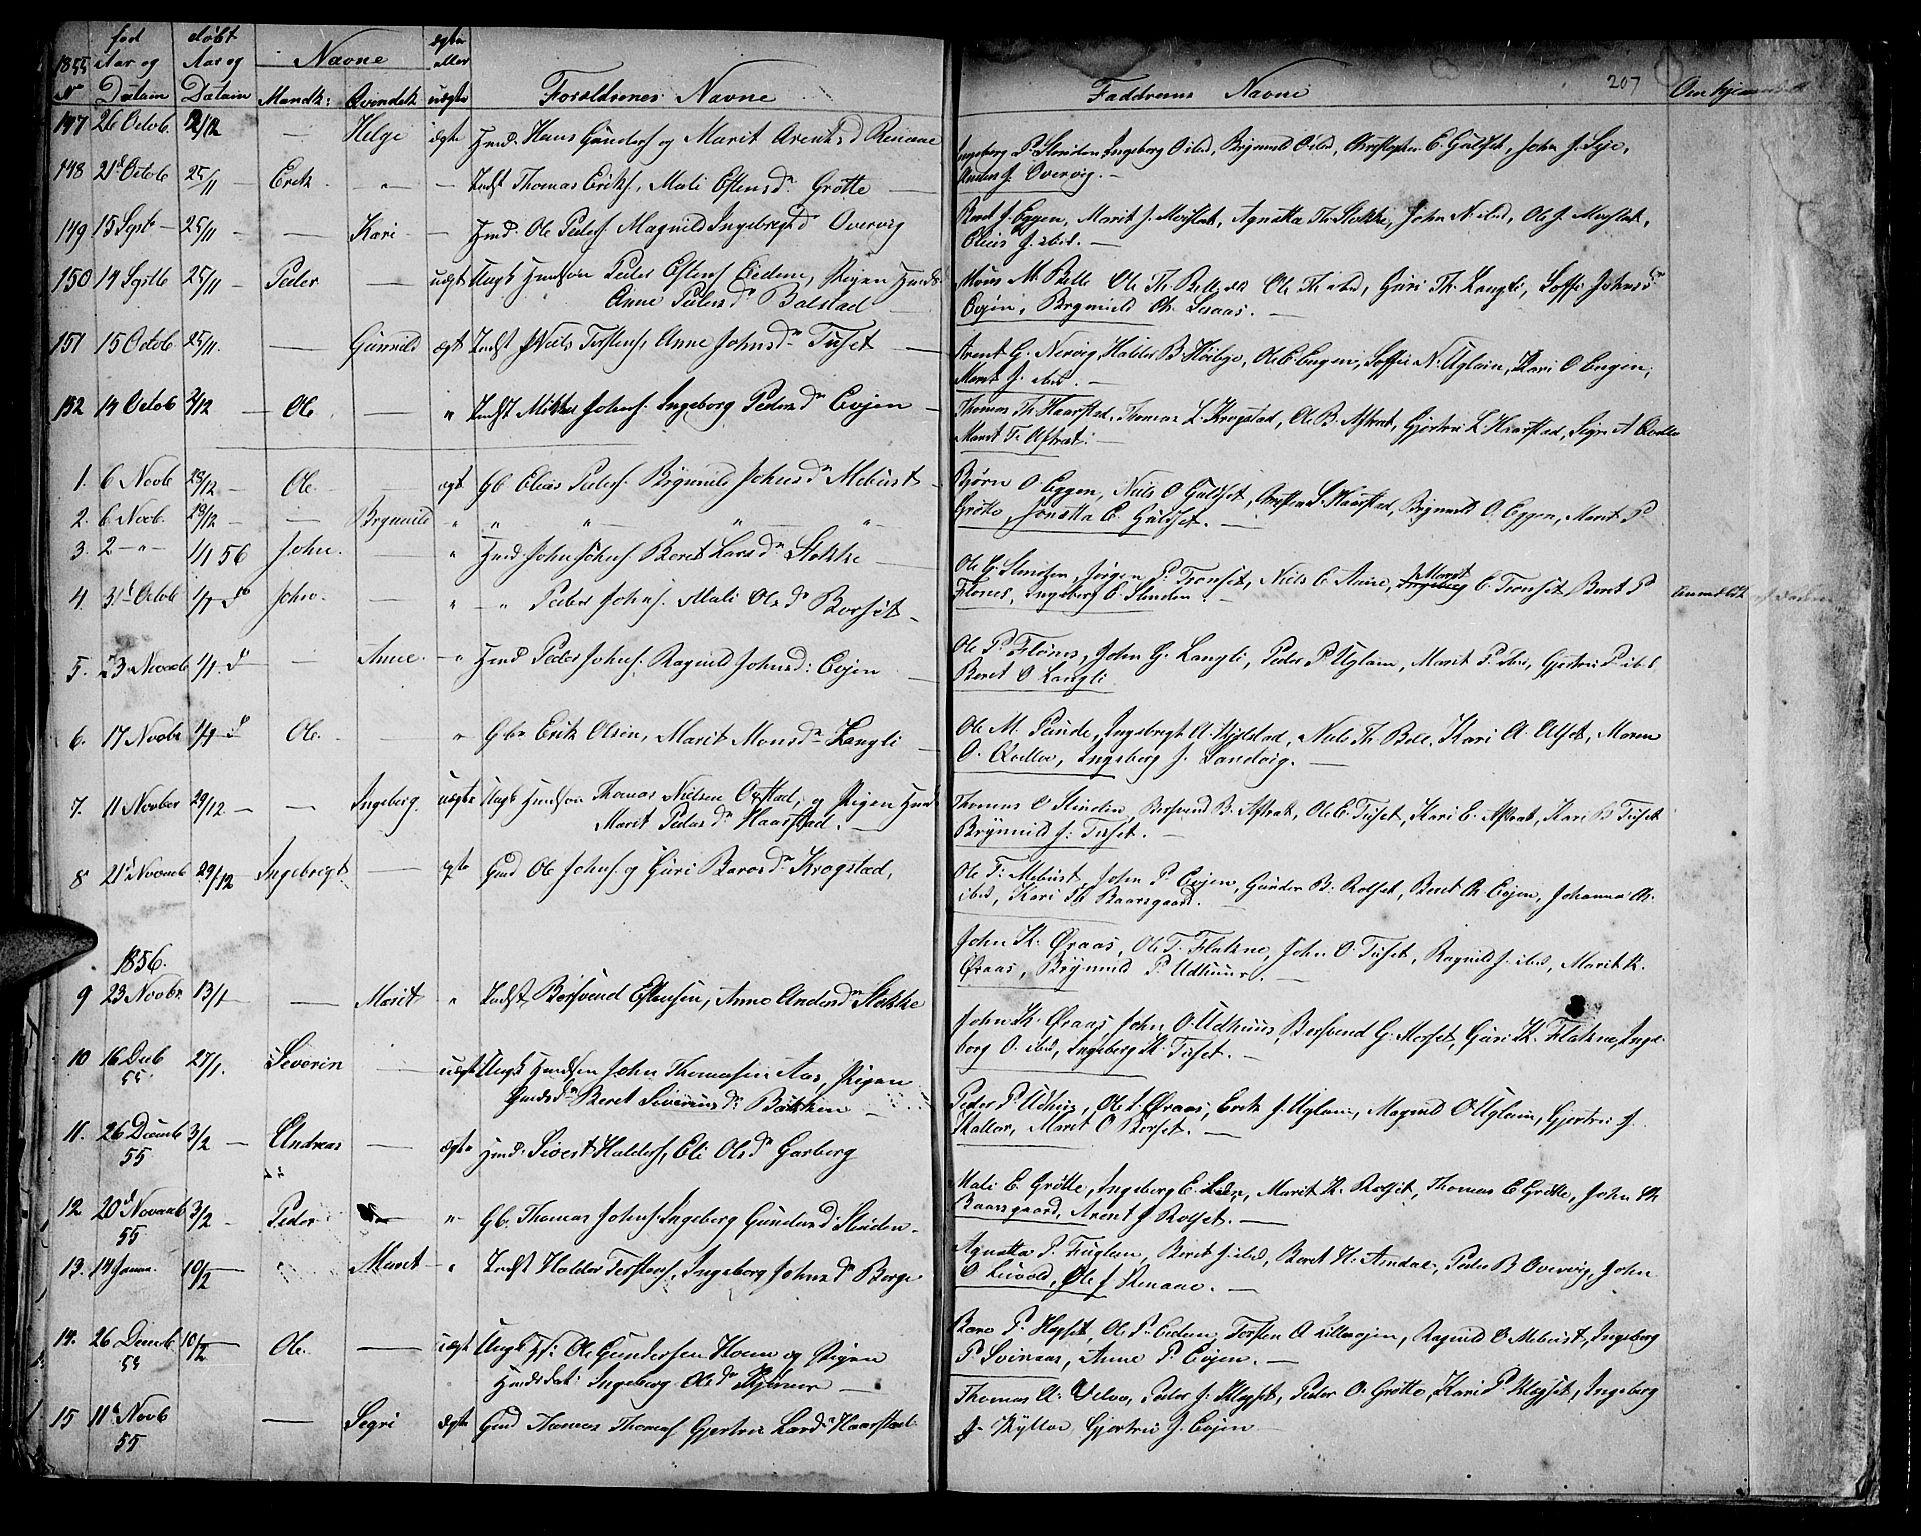 SAT, Ministerialprotokoller, klokkerbøker og fødselsregistre - Sør-Trøndelag, 695/L1154: Klokkerbok nr. 695C05, 1842-1858, s. 207